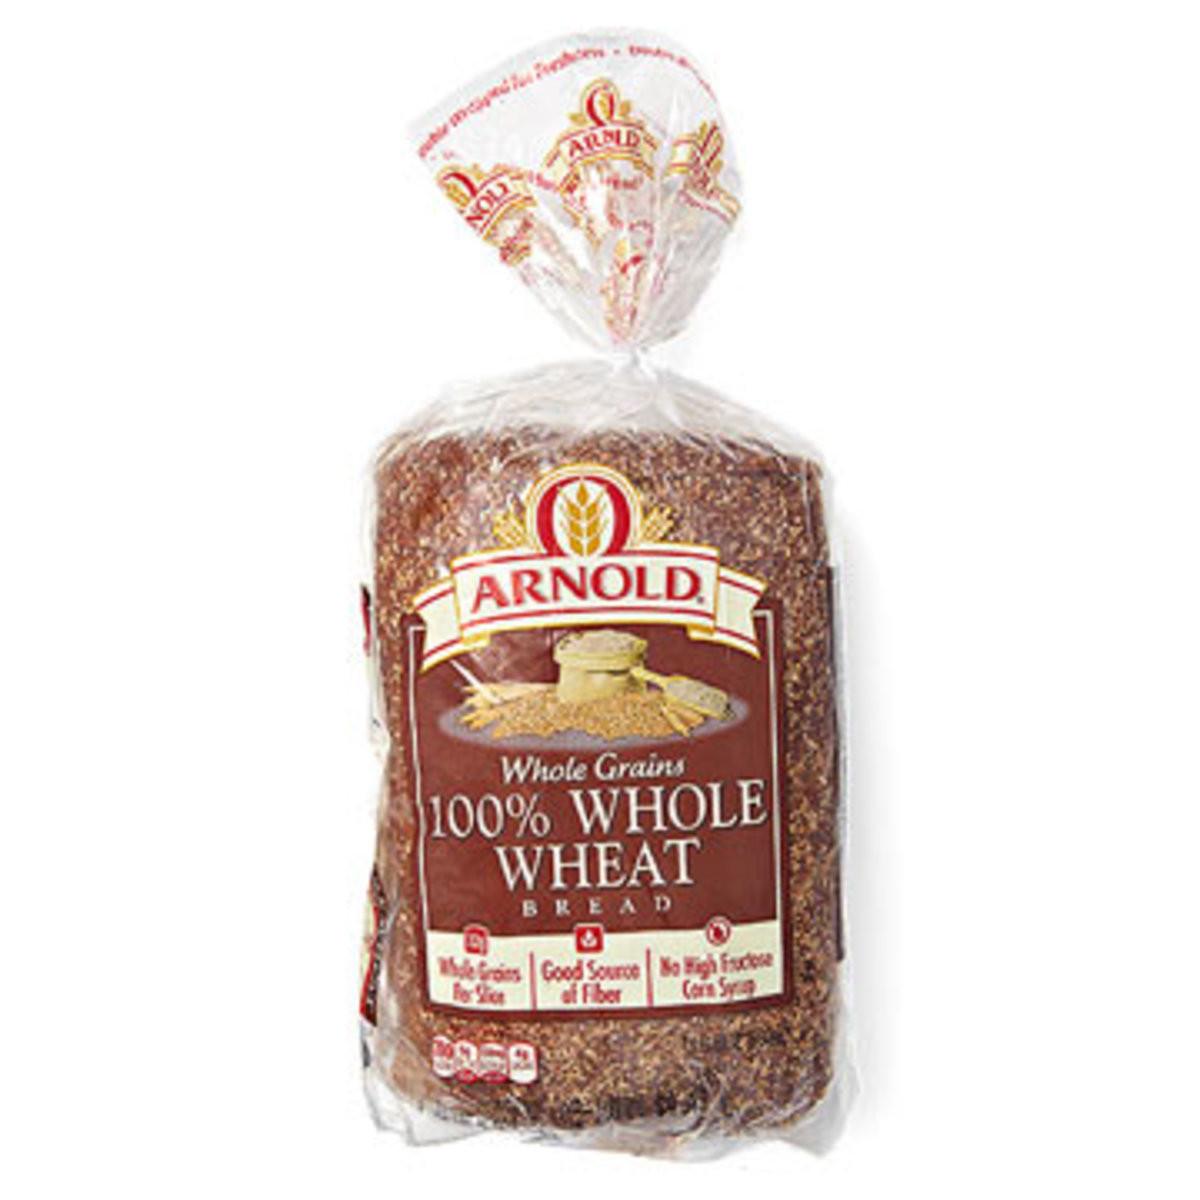 Best Whole Grain Bread  pepperidge farm whole grain rye bread